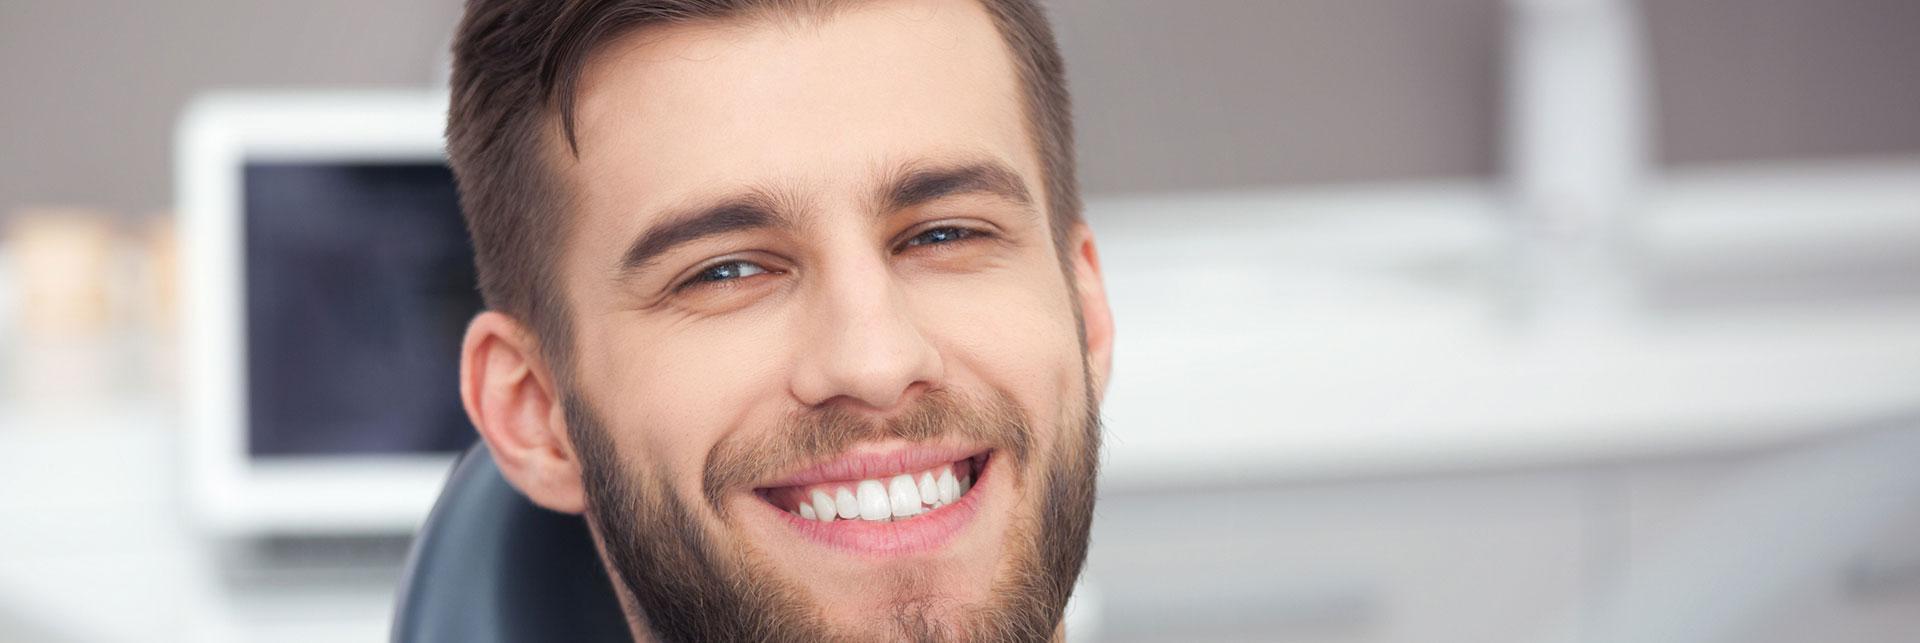 Happy man who had a oral surgery